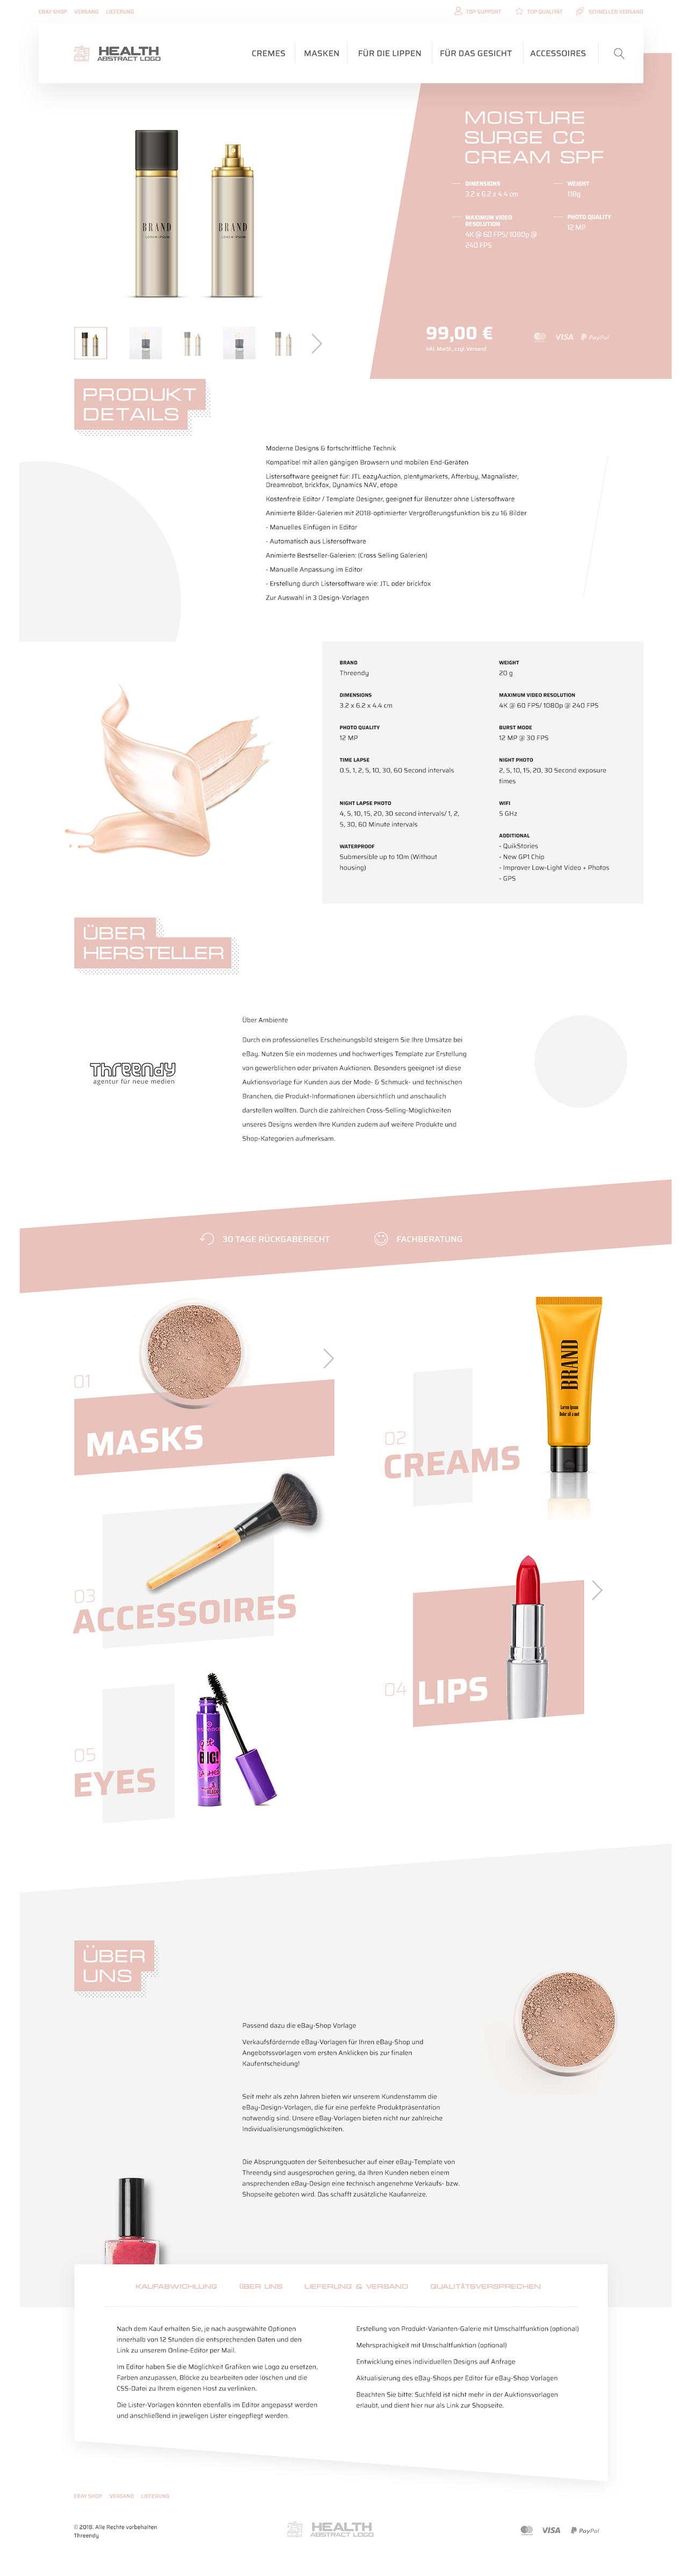 eBayvorlage für Beauty, Kosmetik & Gesundheit